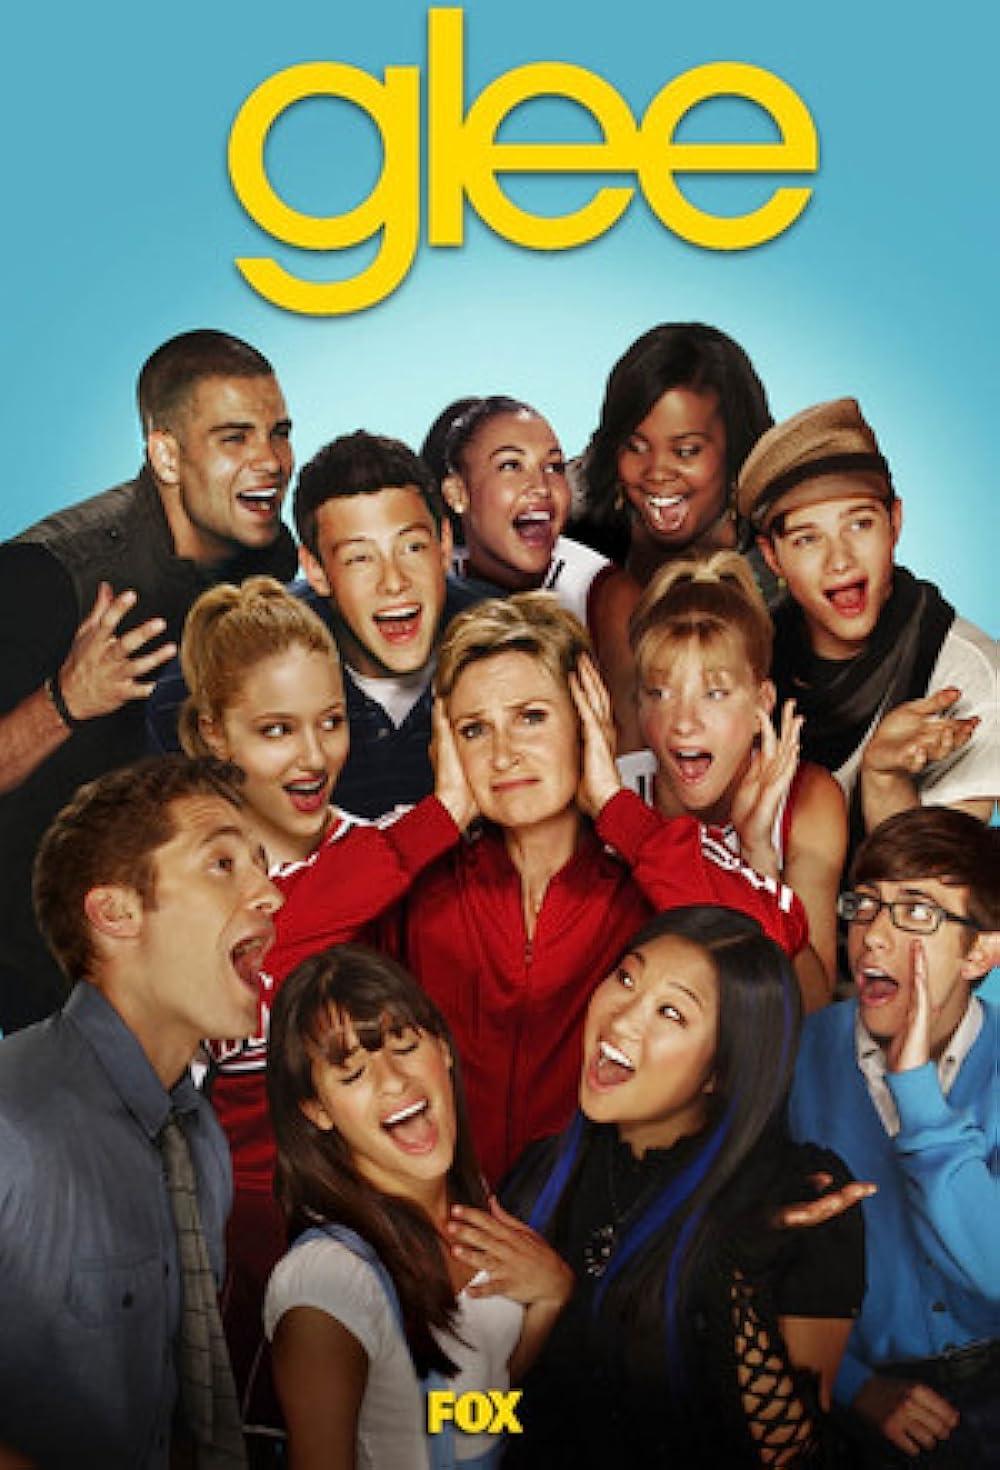 Glee season 5 dvd release date